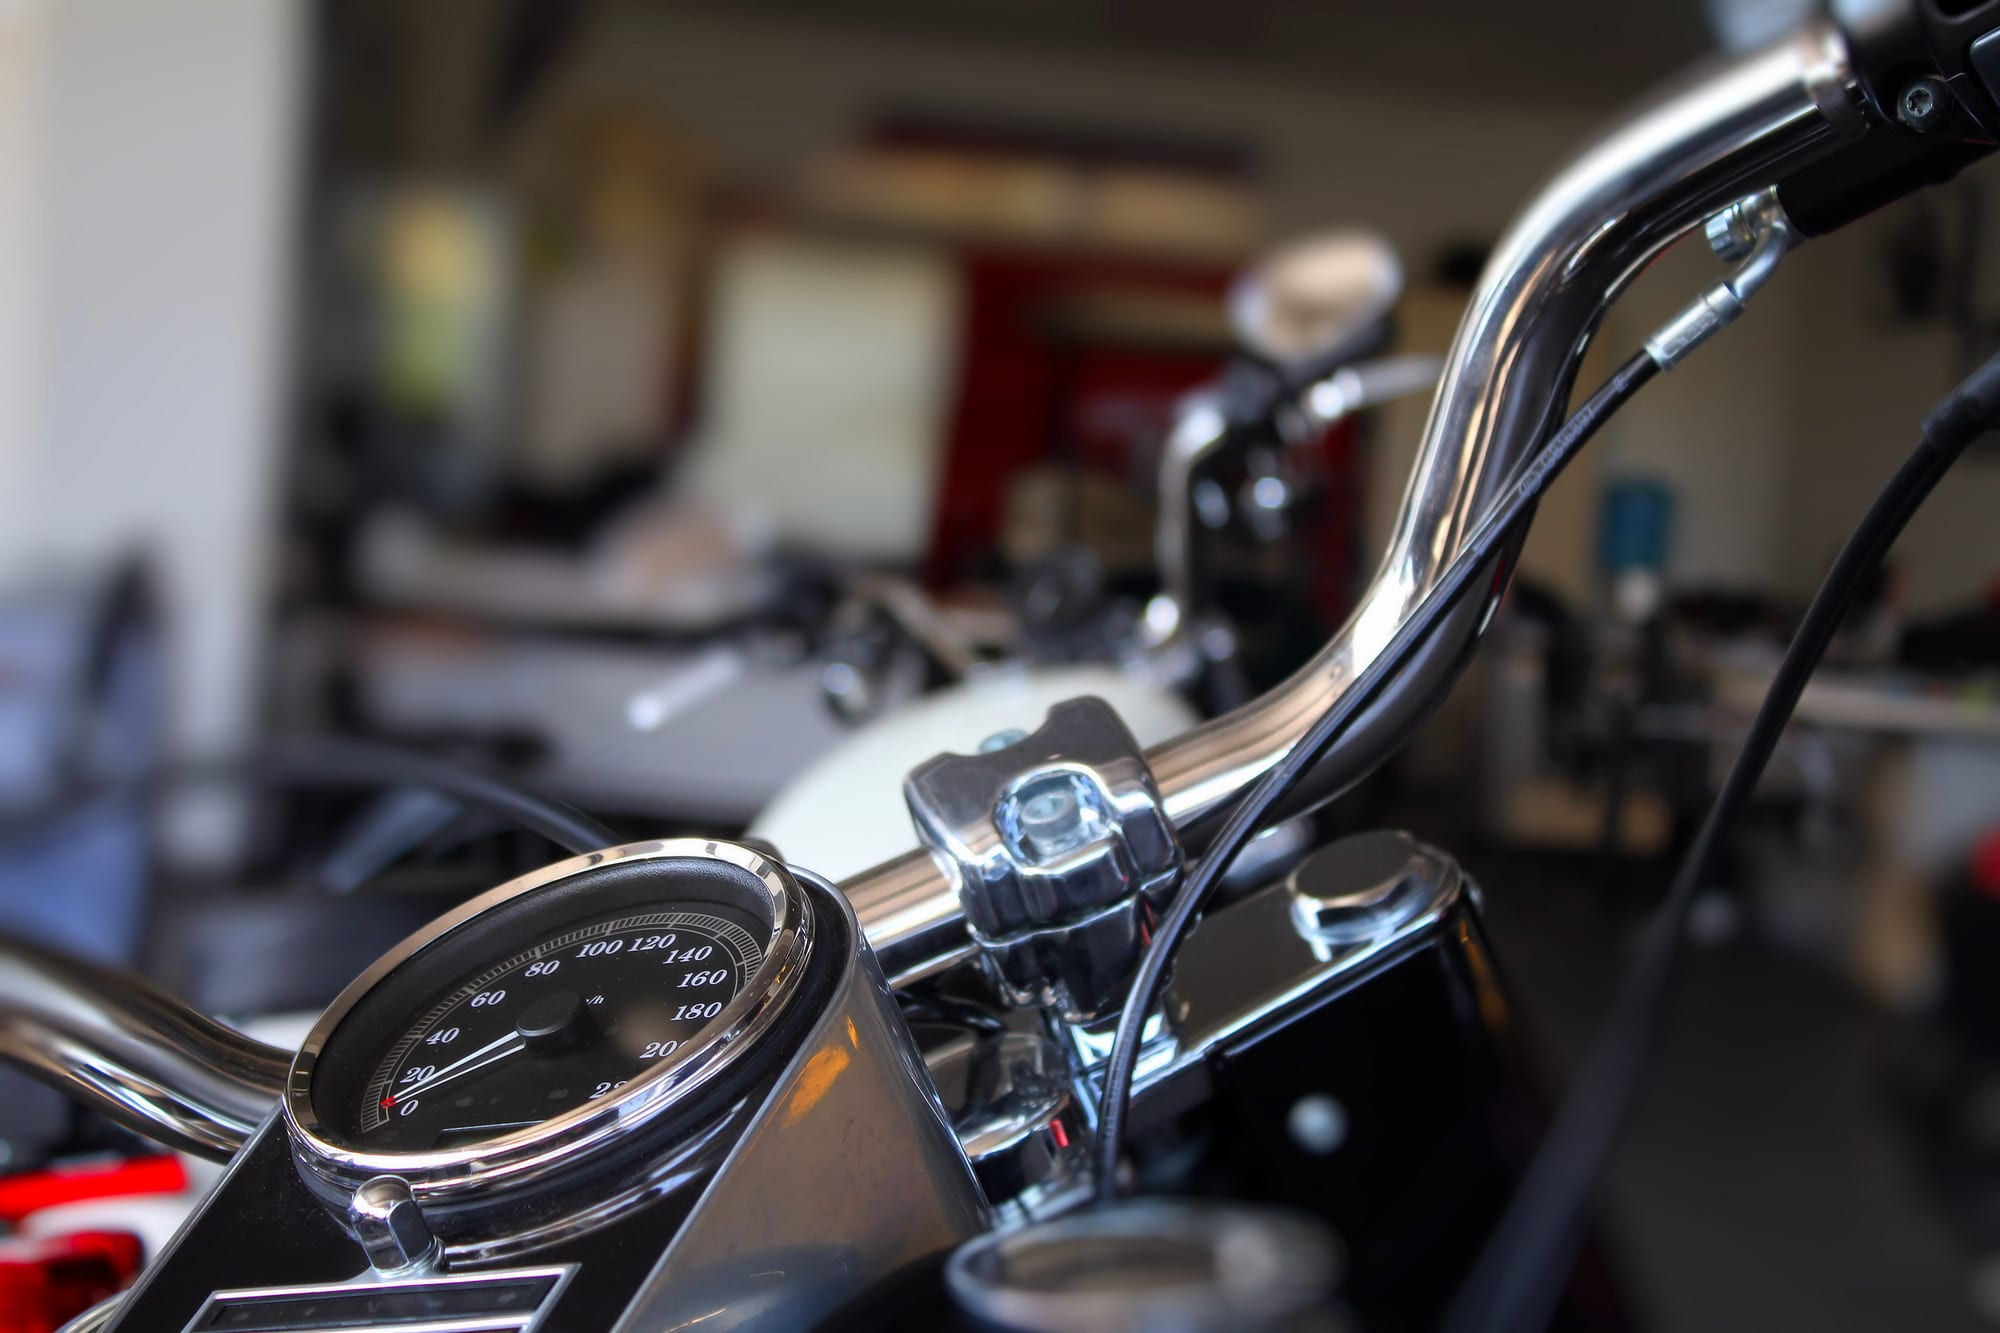 ¿Cuáles son los accesorios de moto más importantes?